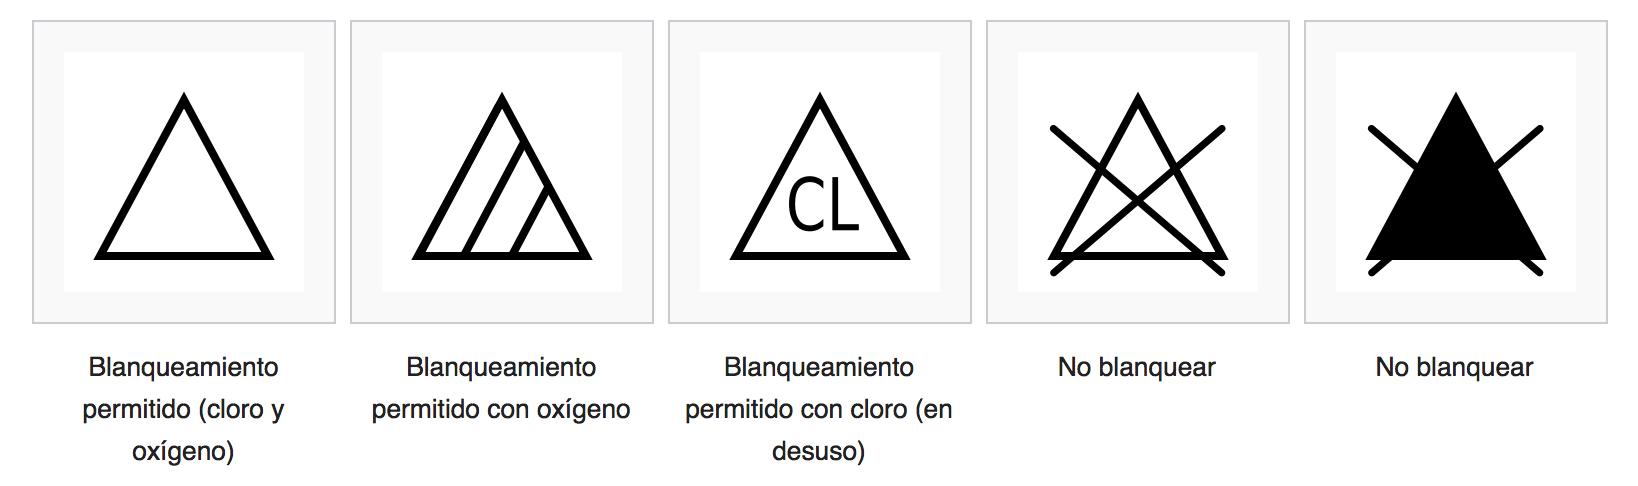 Símbolos de Blanqueador de Ropa